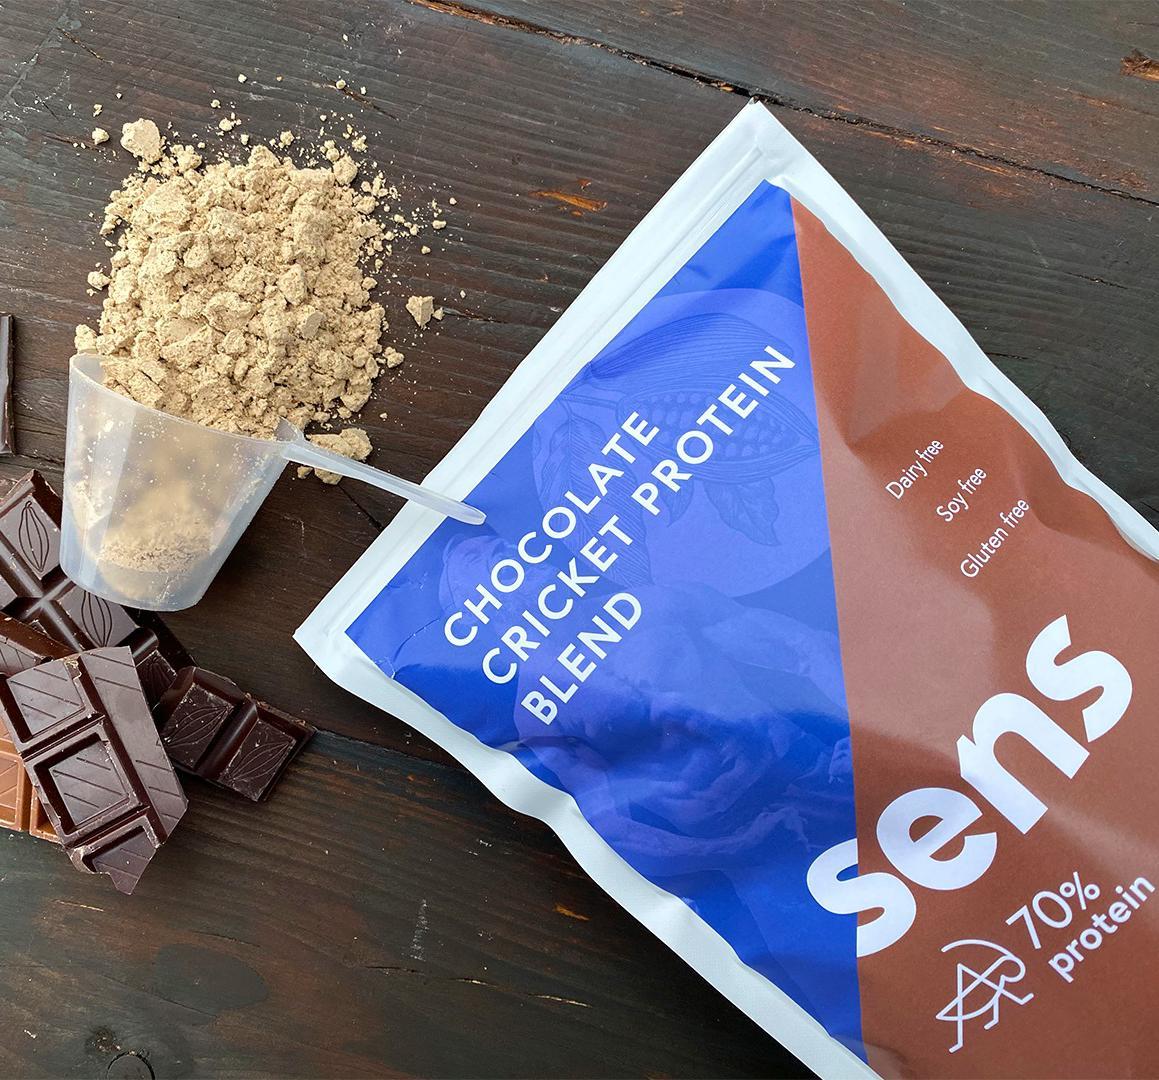 Čokoládový protein s cvrččí moukou od Sens